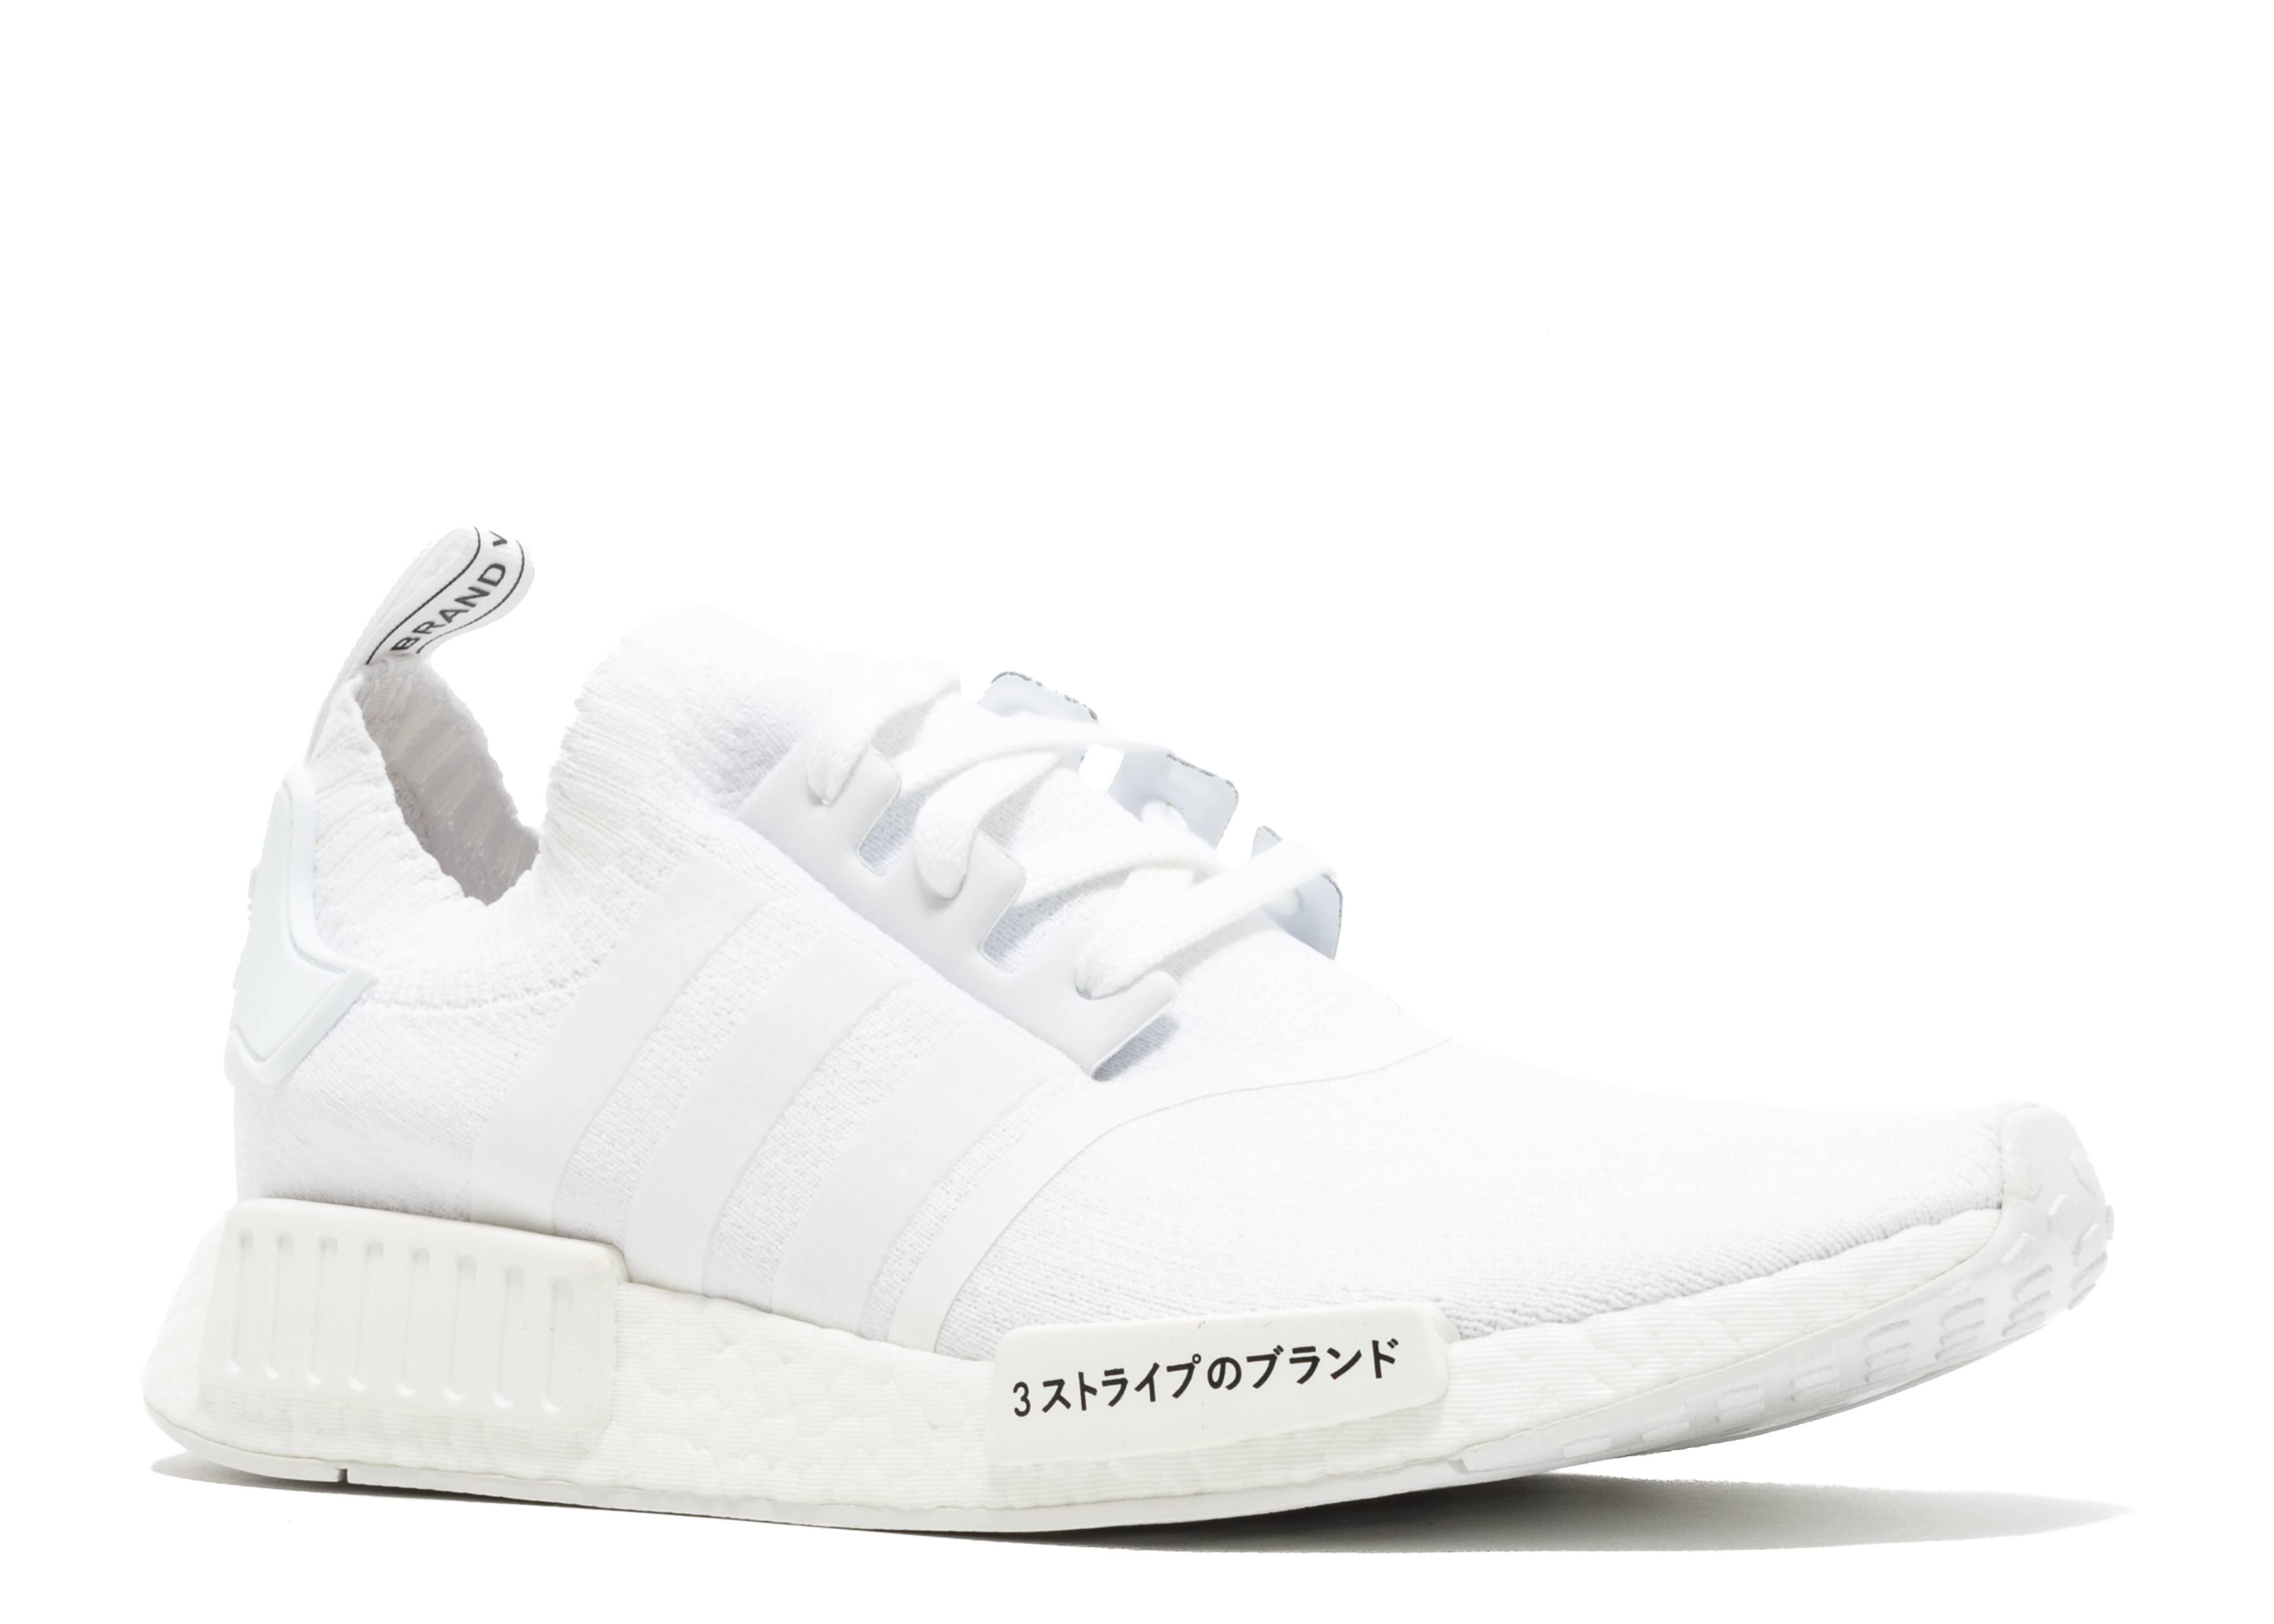 sábado Psicologicamente apelación  NMD_R1 Primeknit 'Japan Triple White' - Adidas - BZ0221 - footwear white/footwear  white/footwear white | Flight Club